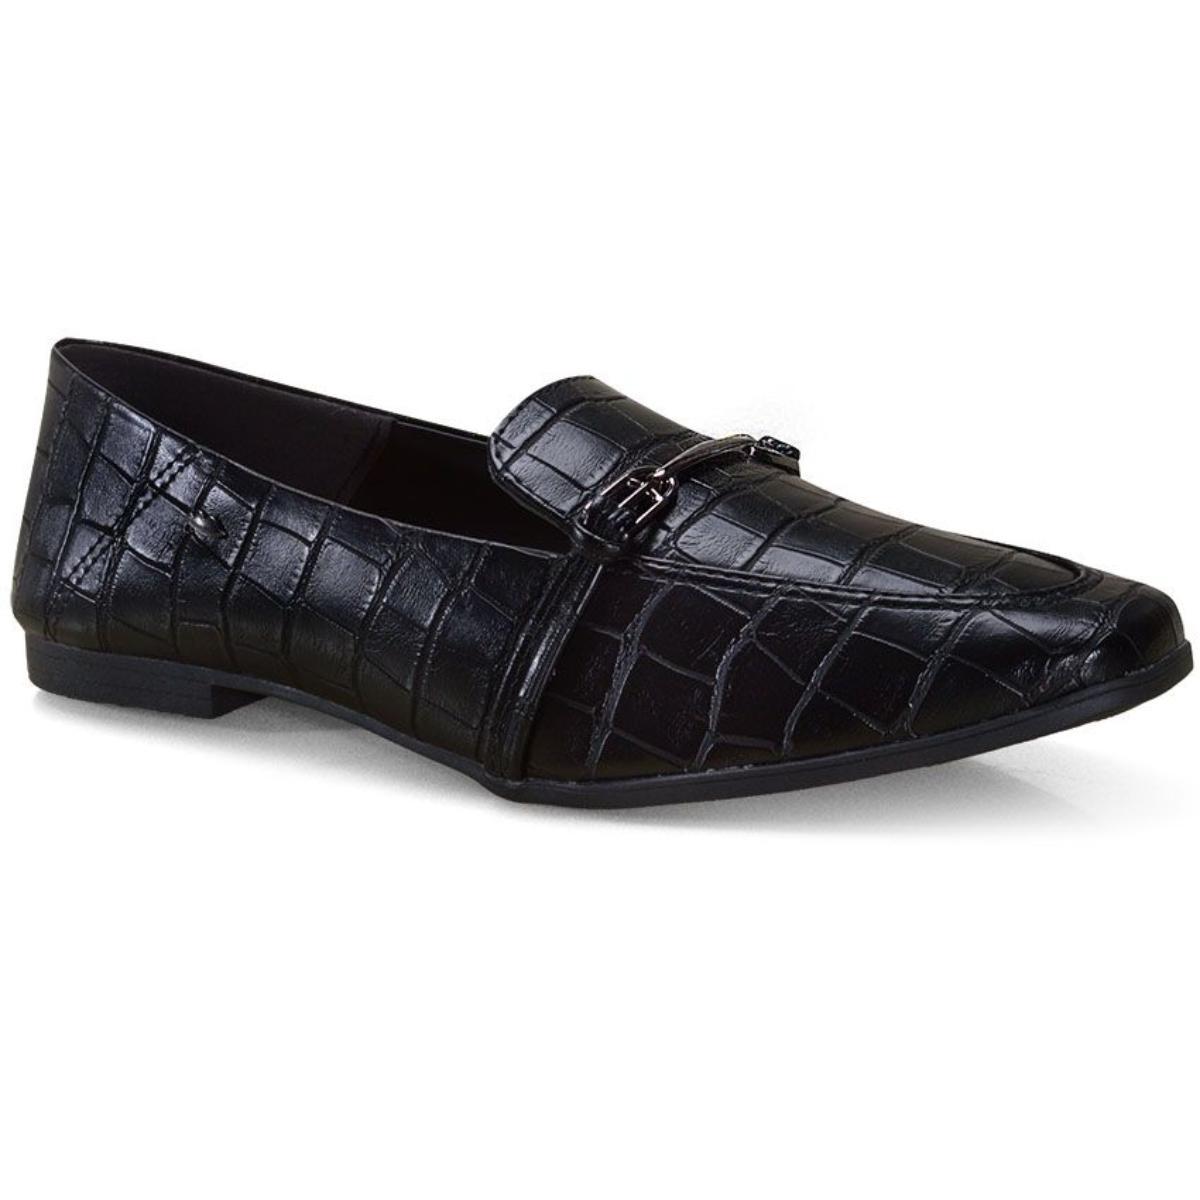 Sapato Feminino Dakota G3703 Preto